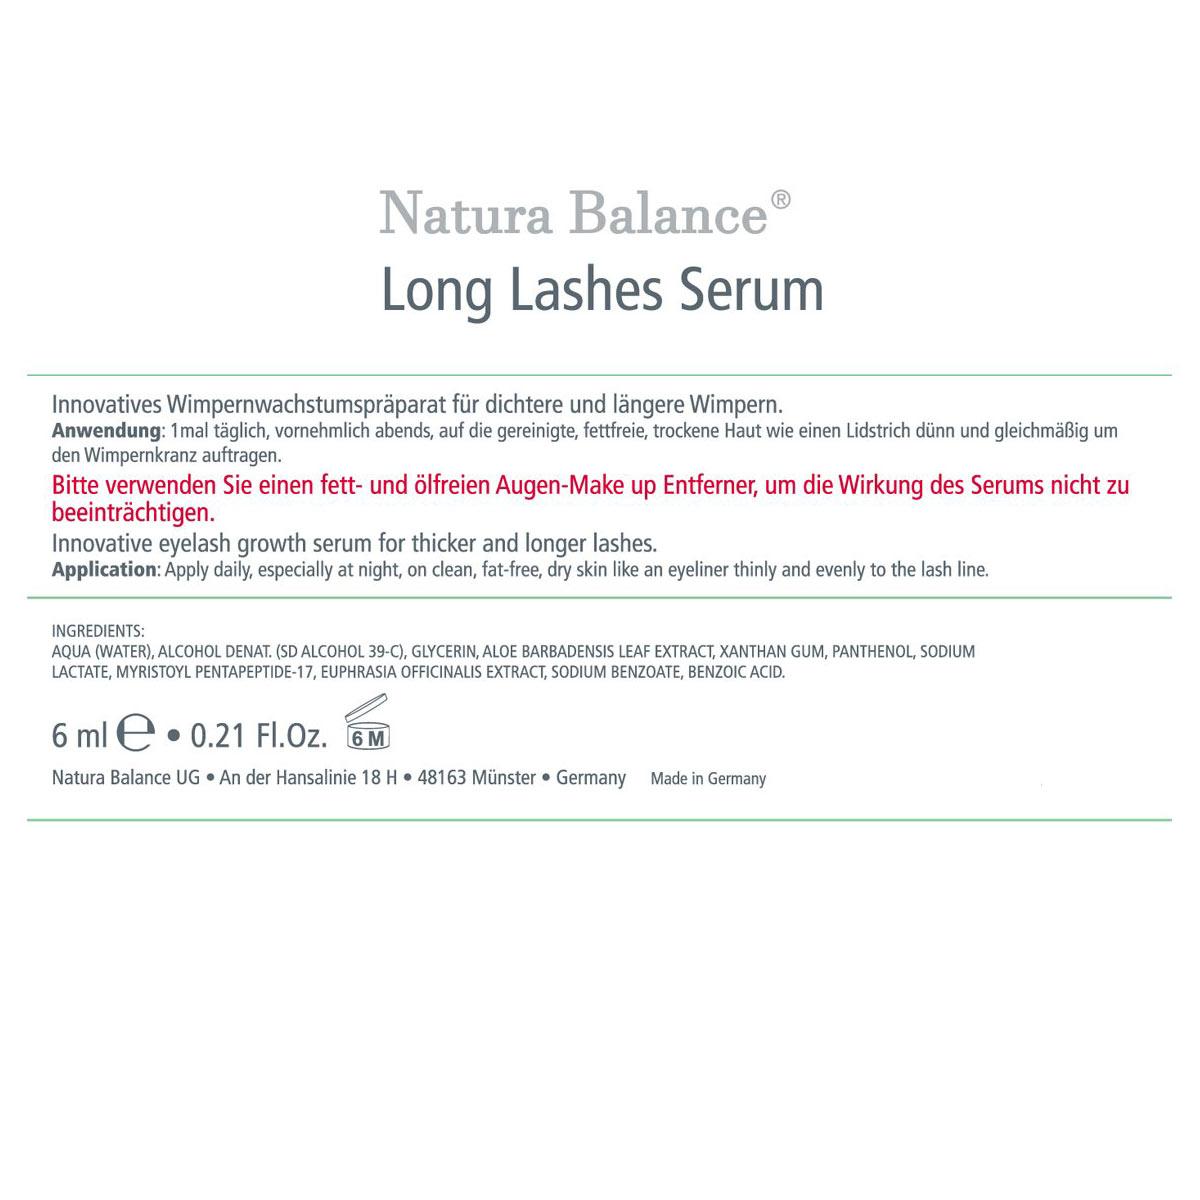 ca2a19b4d78 6ml Wimpernserum Long Lashes HORMONFREI Power Serum Wimpern Lash Wachstum